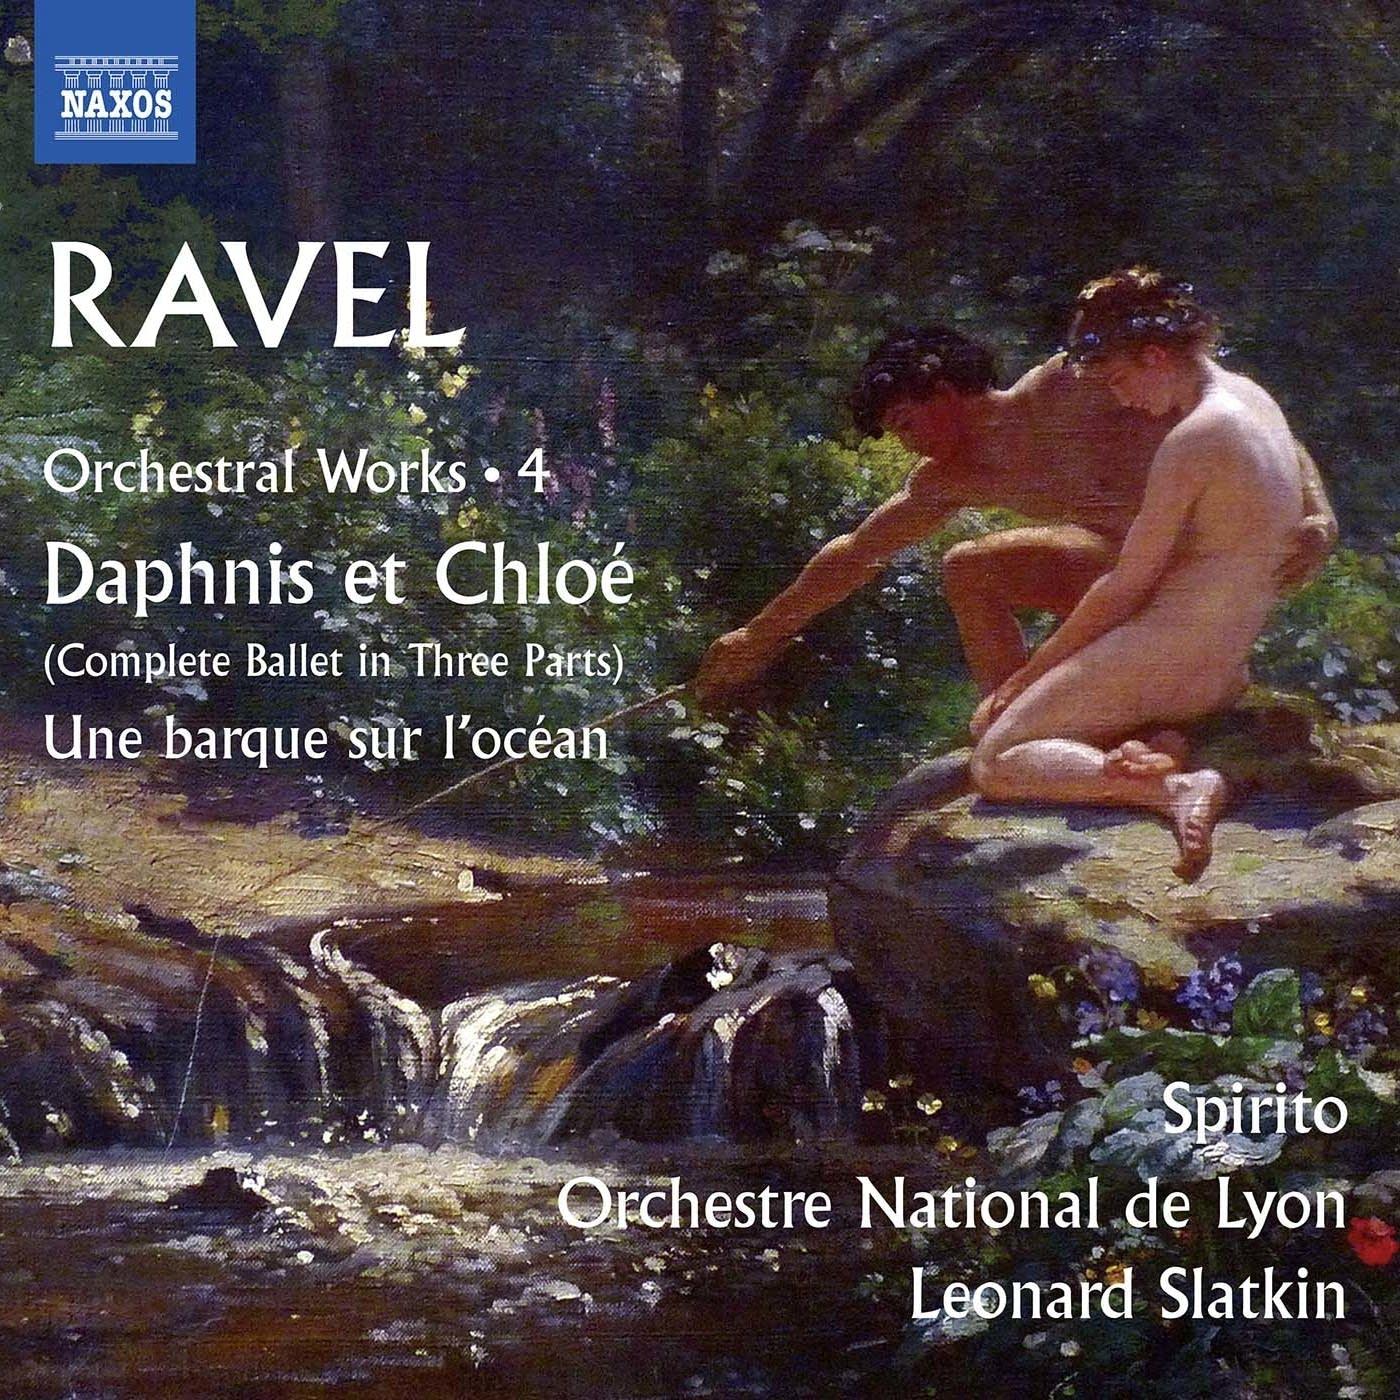 Maurice Ravel - Miroirs: Une barque sur l'ocean